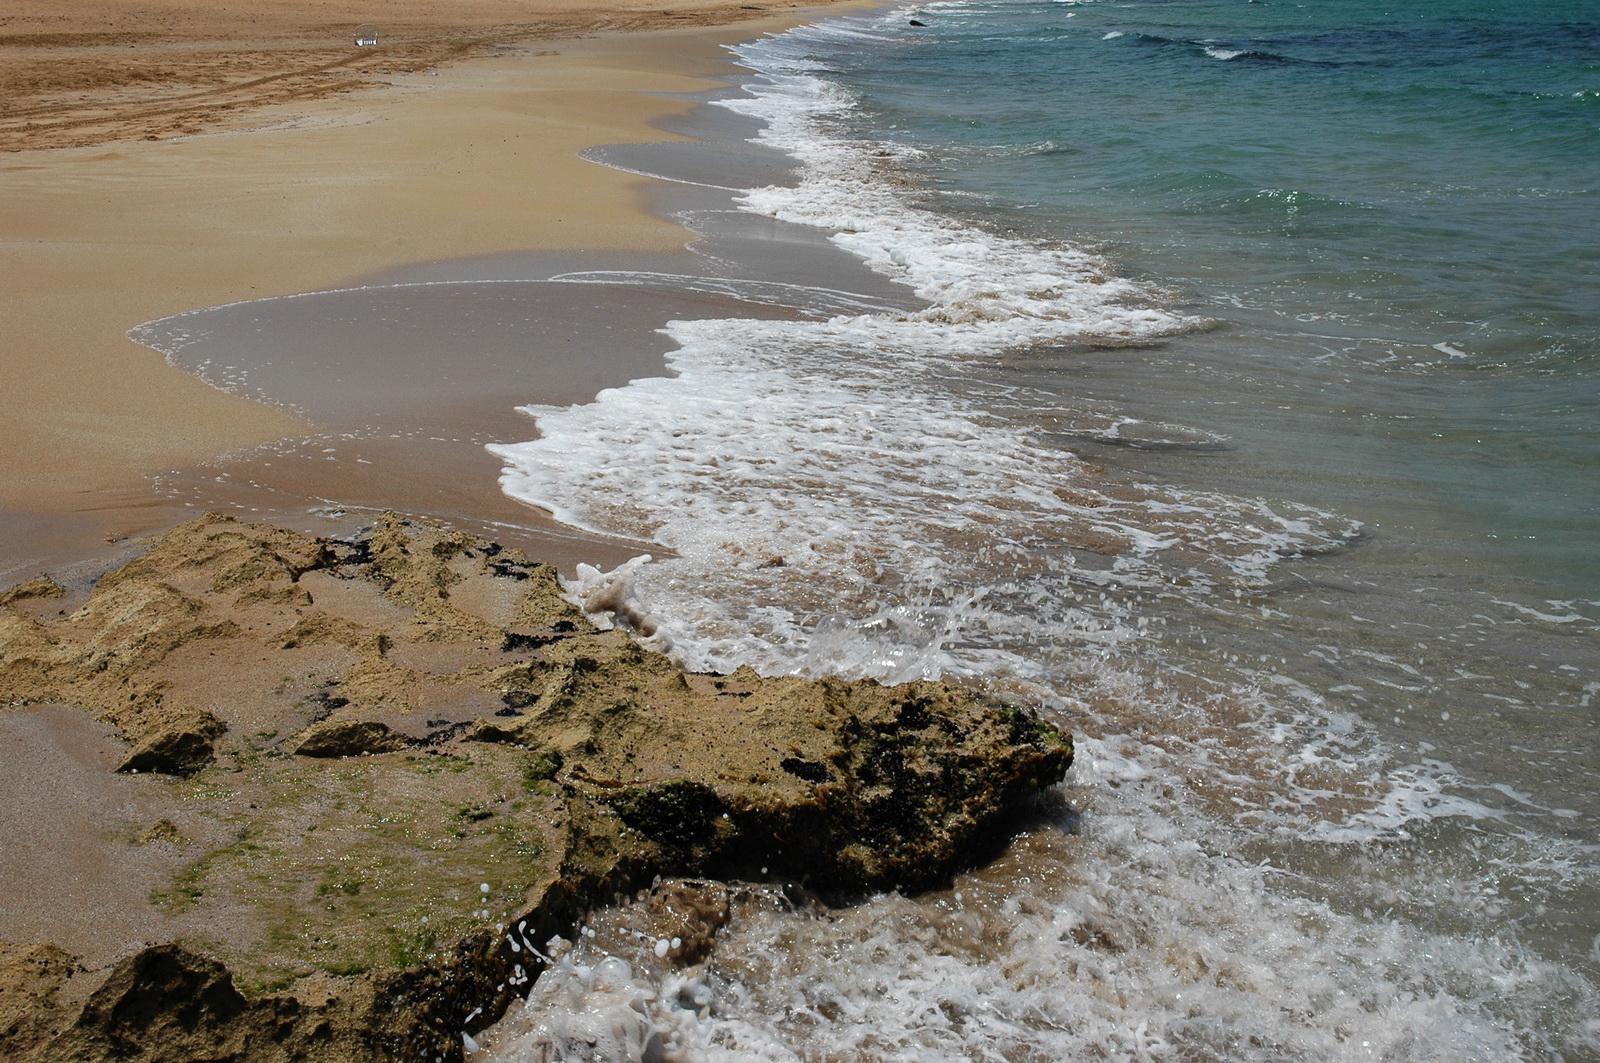 אדוות גלי חוף